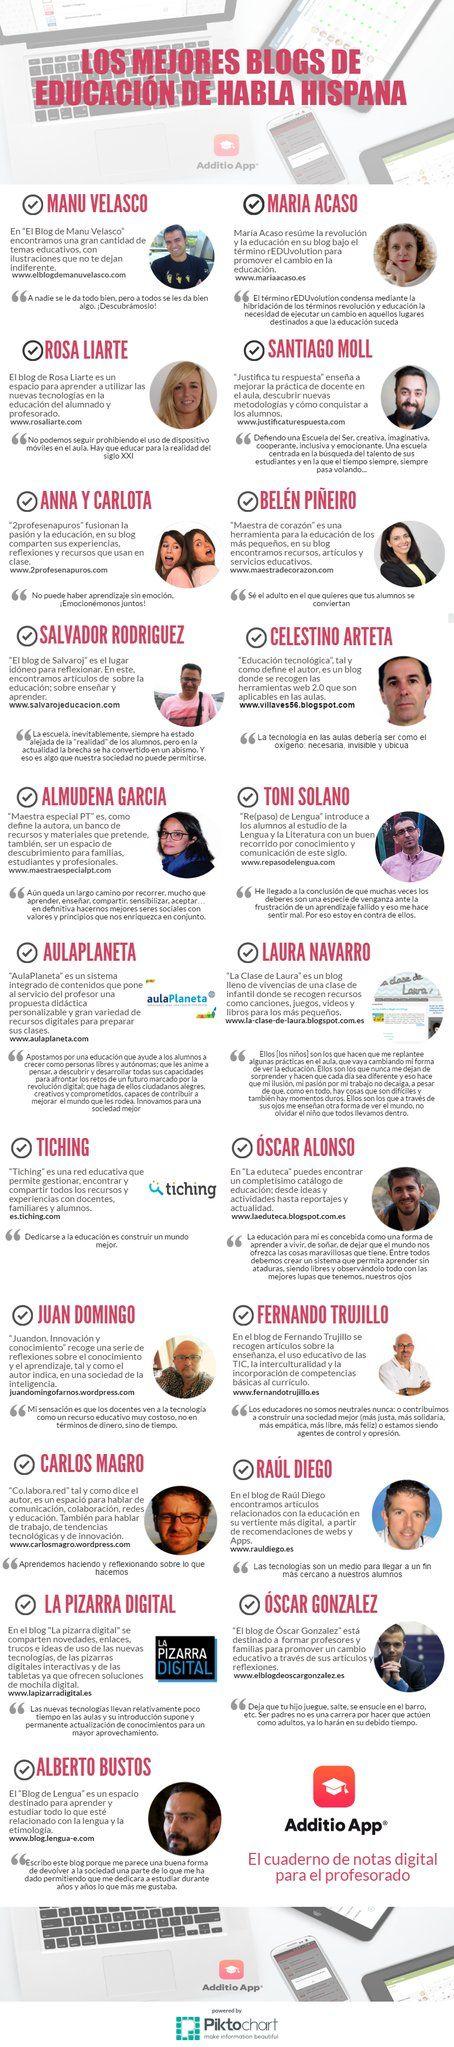 Los mejores blogs de educación de habla hispana